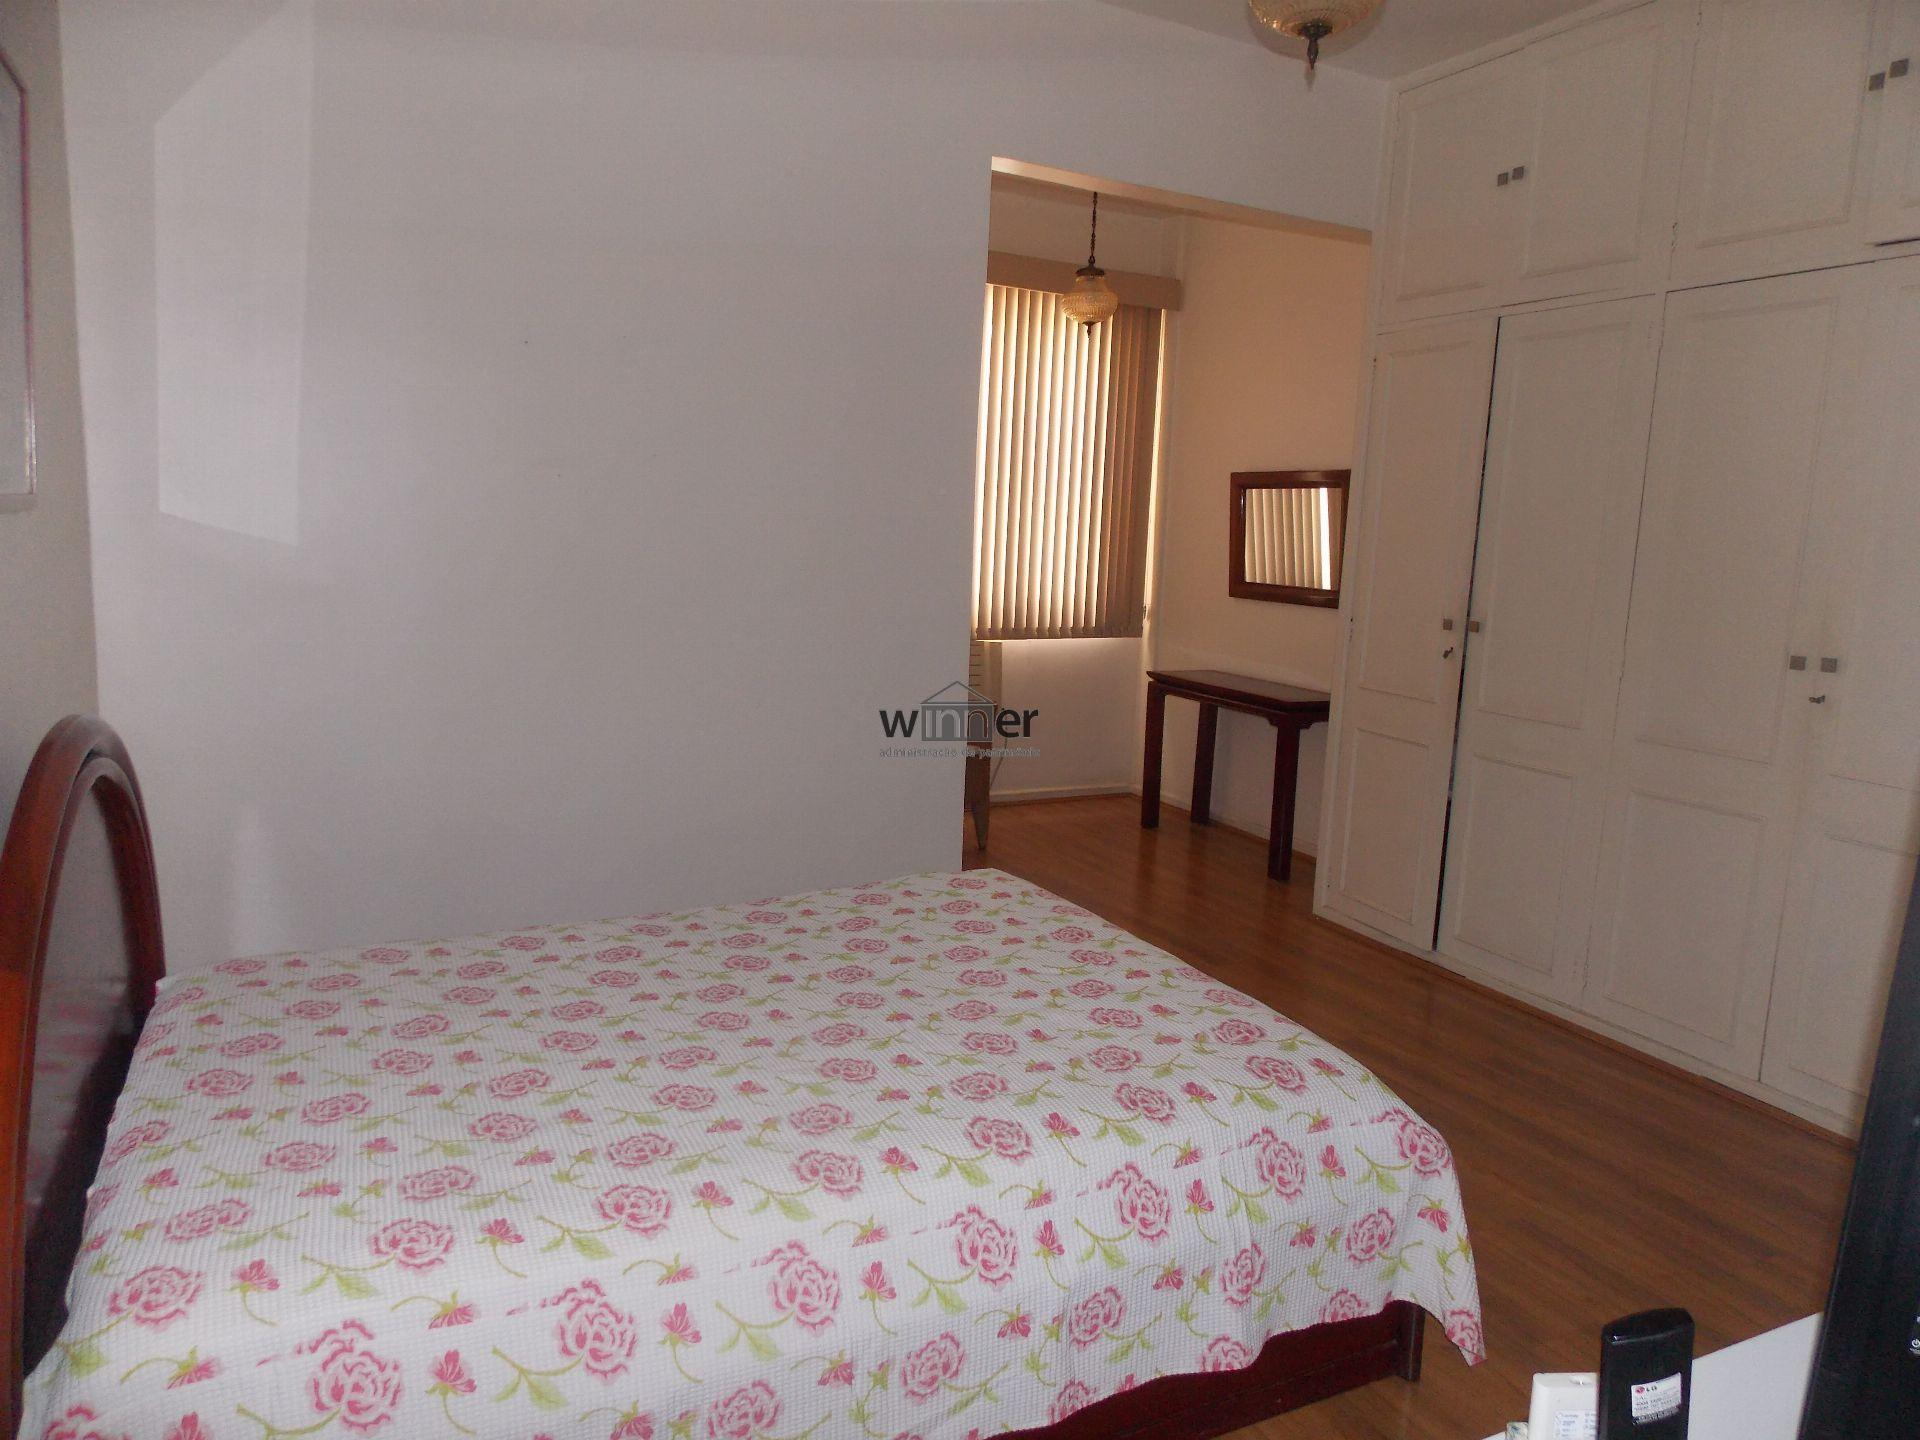 Apartamento para alugar , Santa Teresa, Rio de Janeiro, RJ - 0993-002 - 5